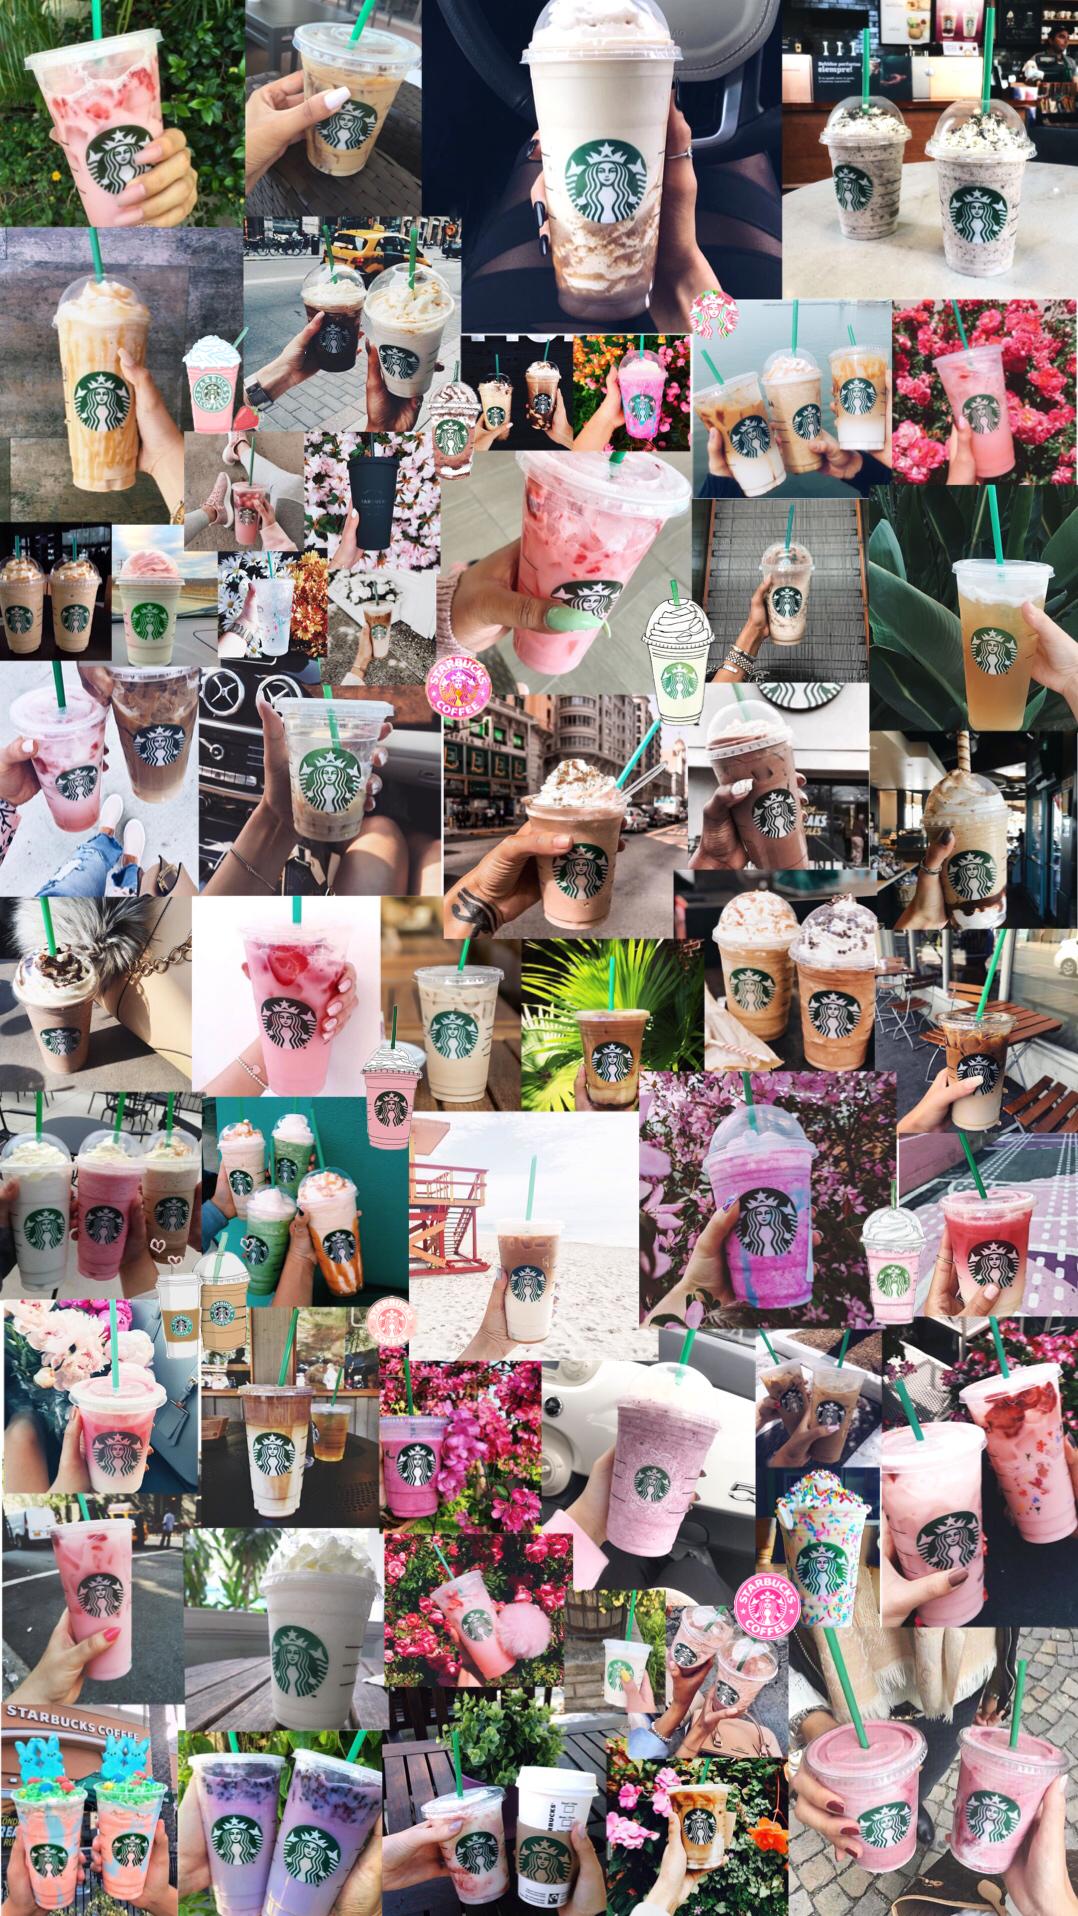 starbucks aesthetic background | Starbucks background ...